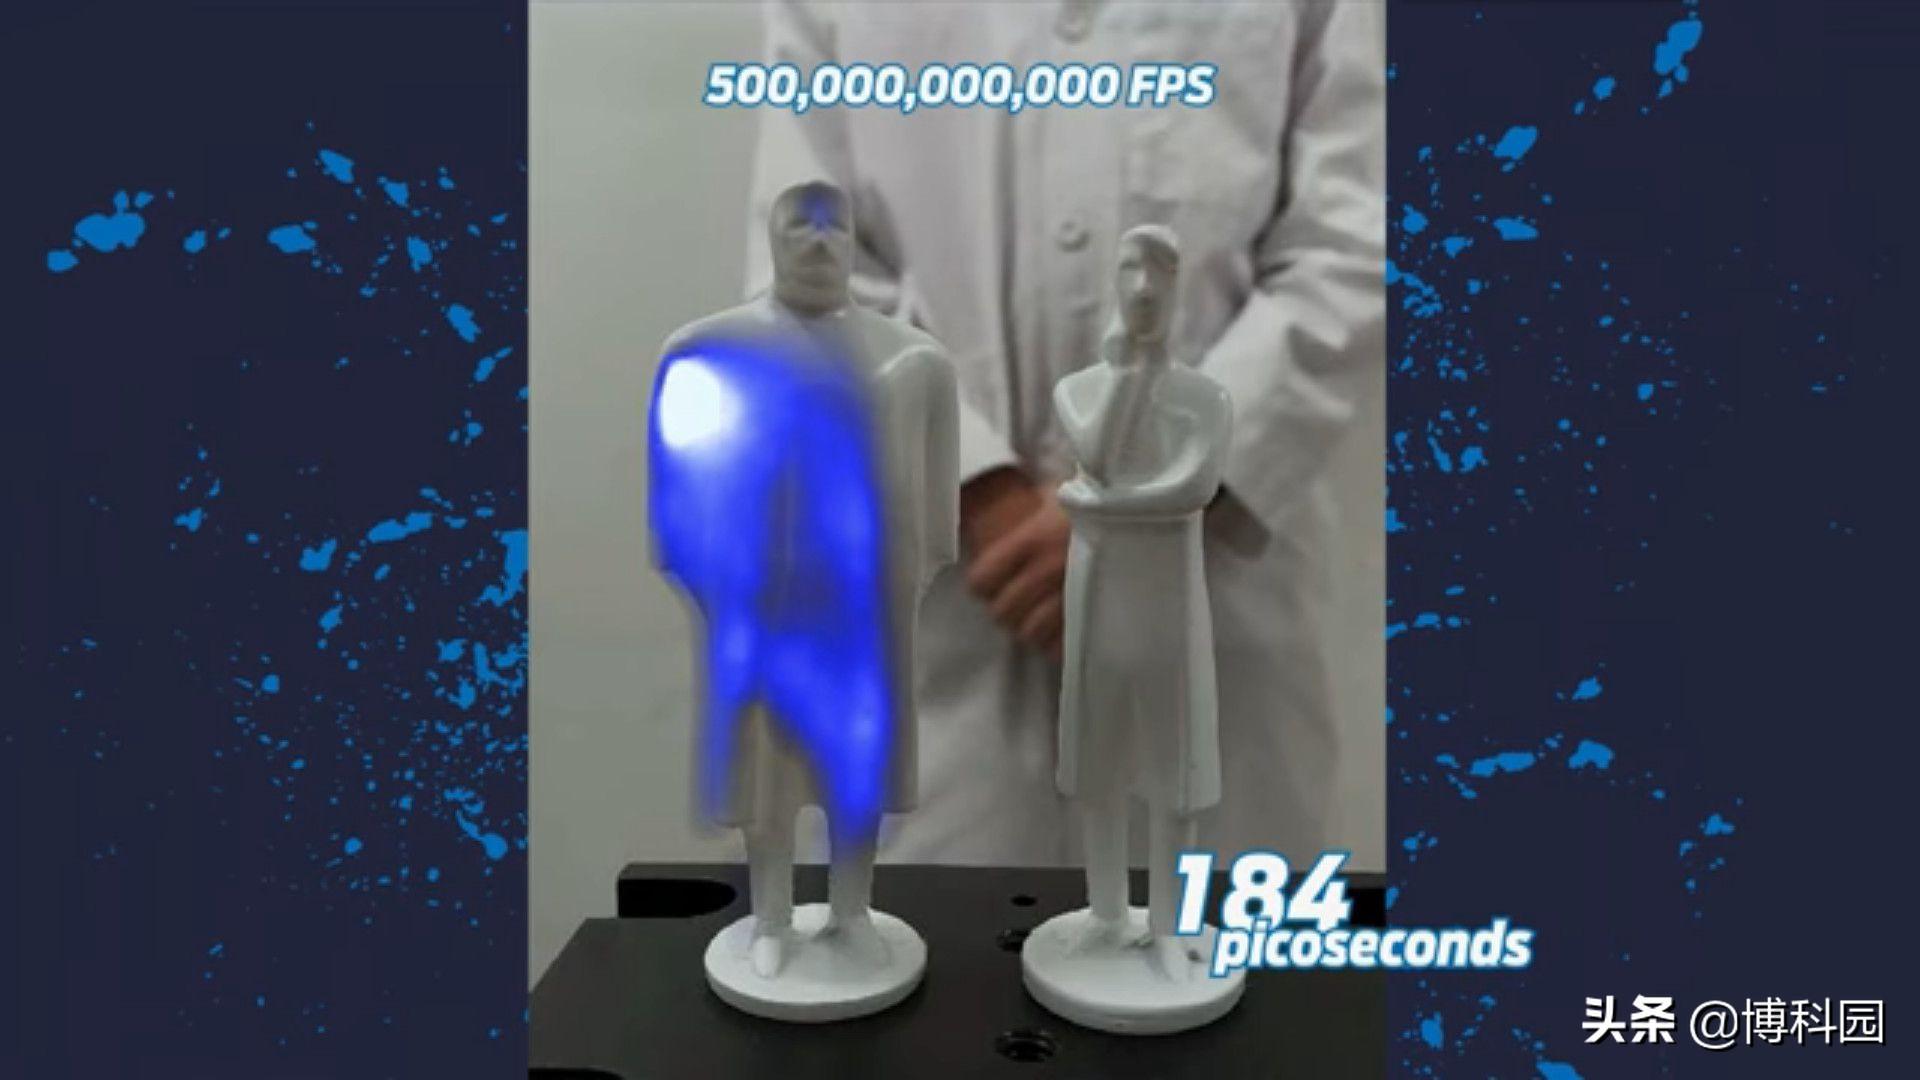 每秒1000亿帧,看慢动作下光!很美很不可思议啊